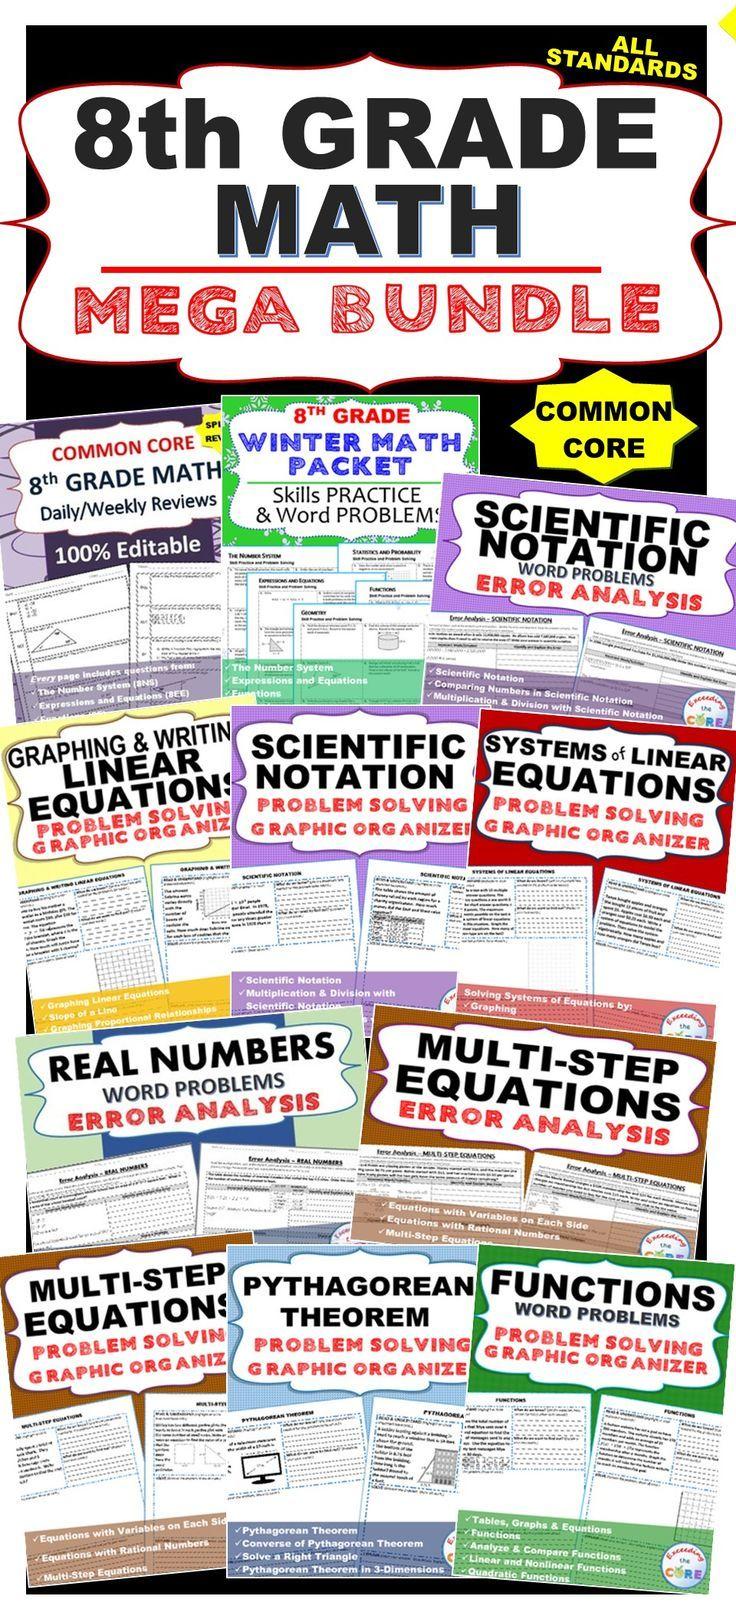 Numerology of 27 image 2